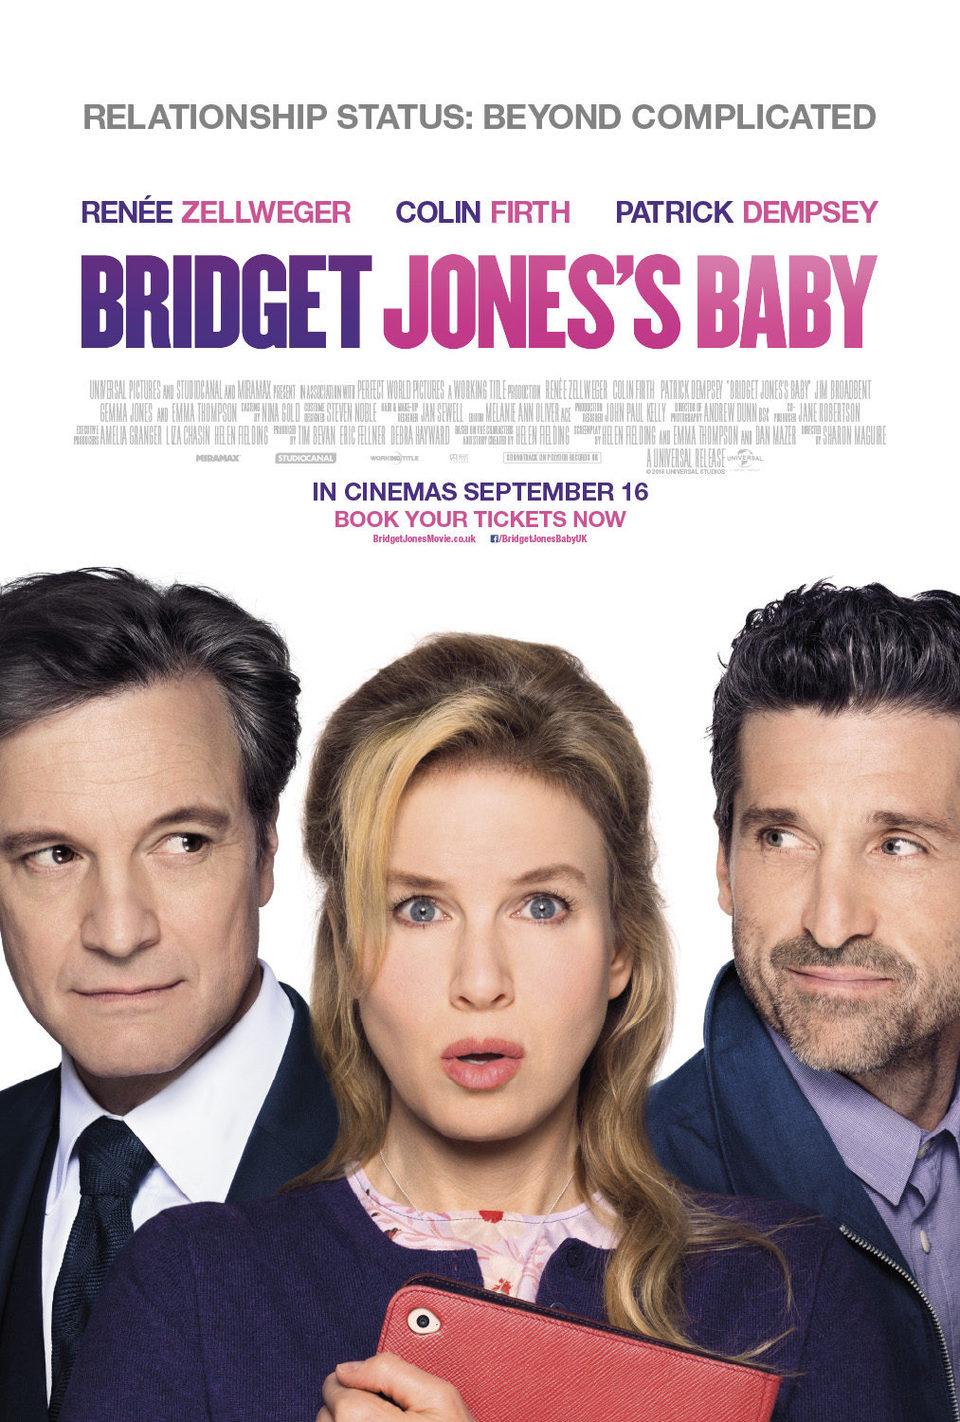 Cartel U.K de 'Bridget Jones' Baby'